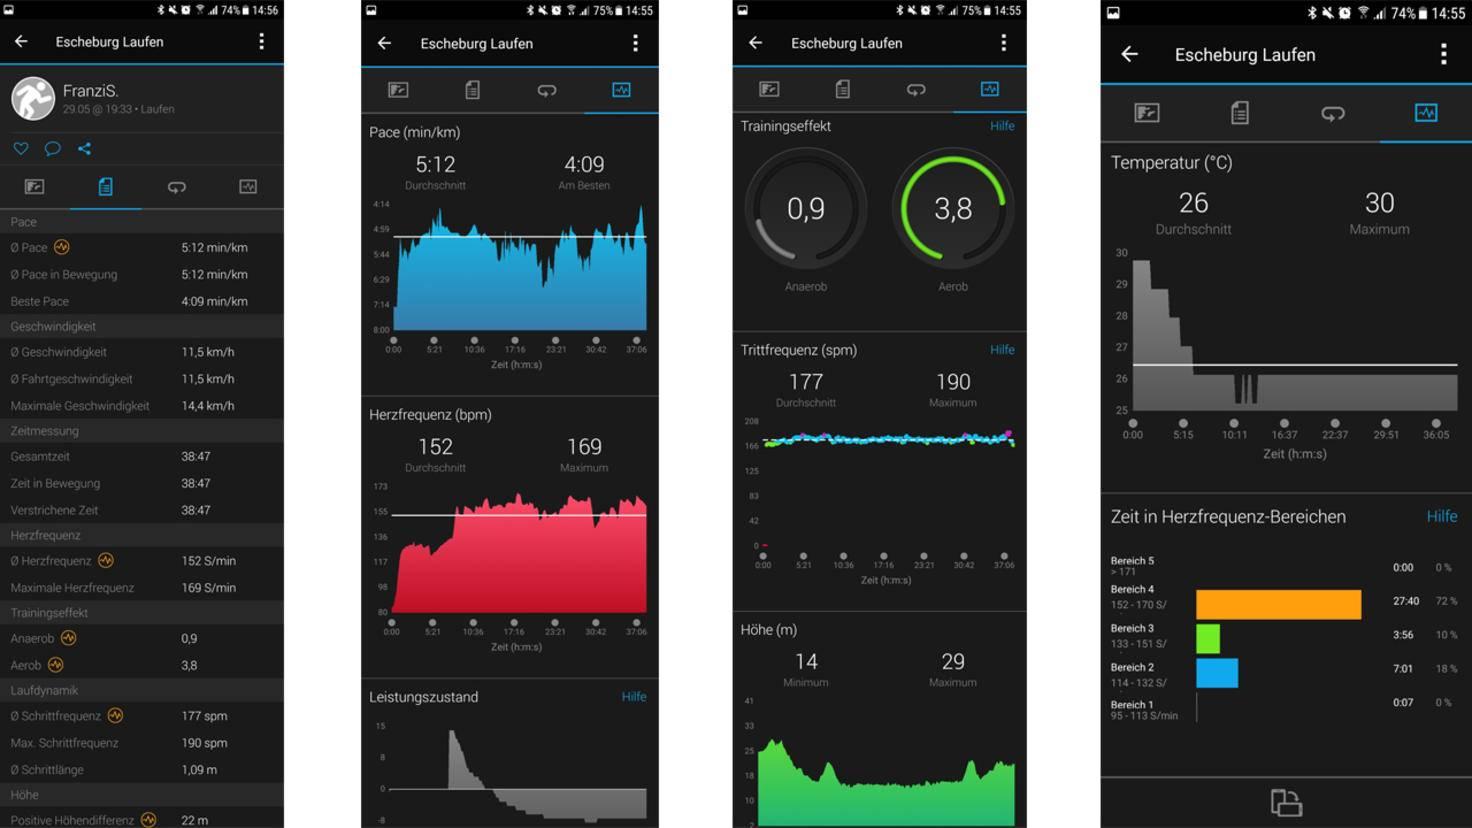 Je nach Sportart lassen sich anschließend zahlreiche Daten und Graphen auswerten.